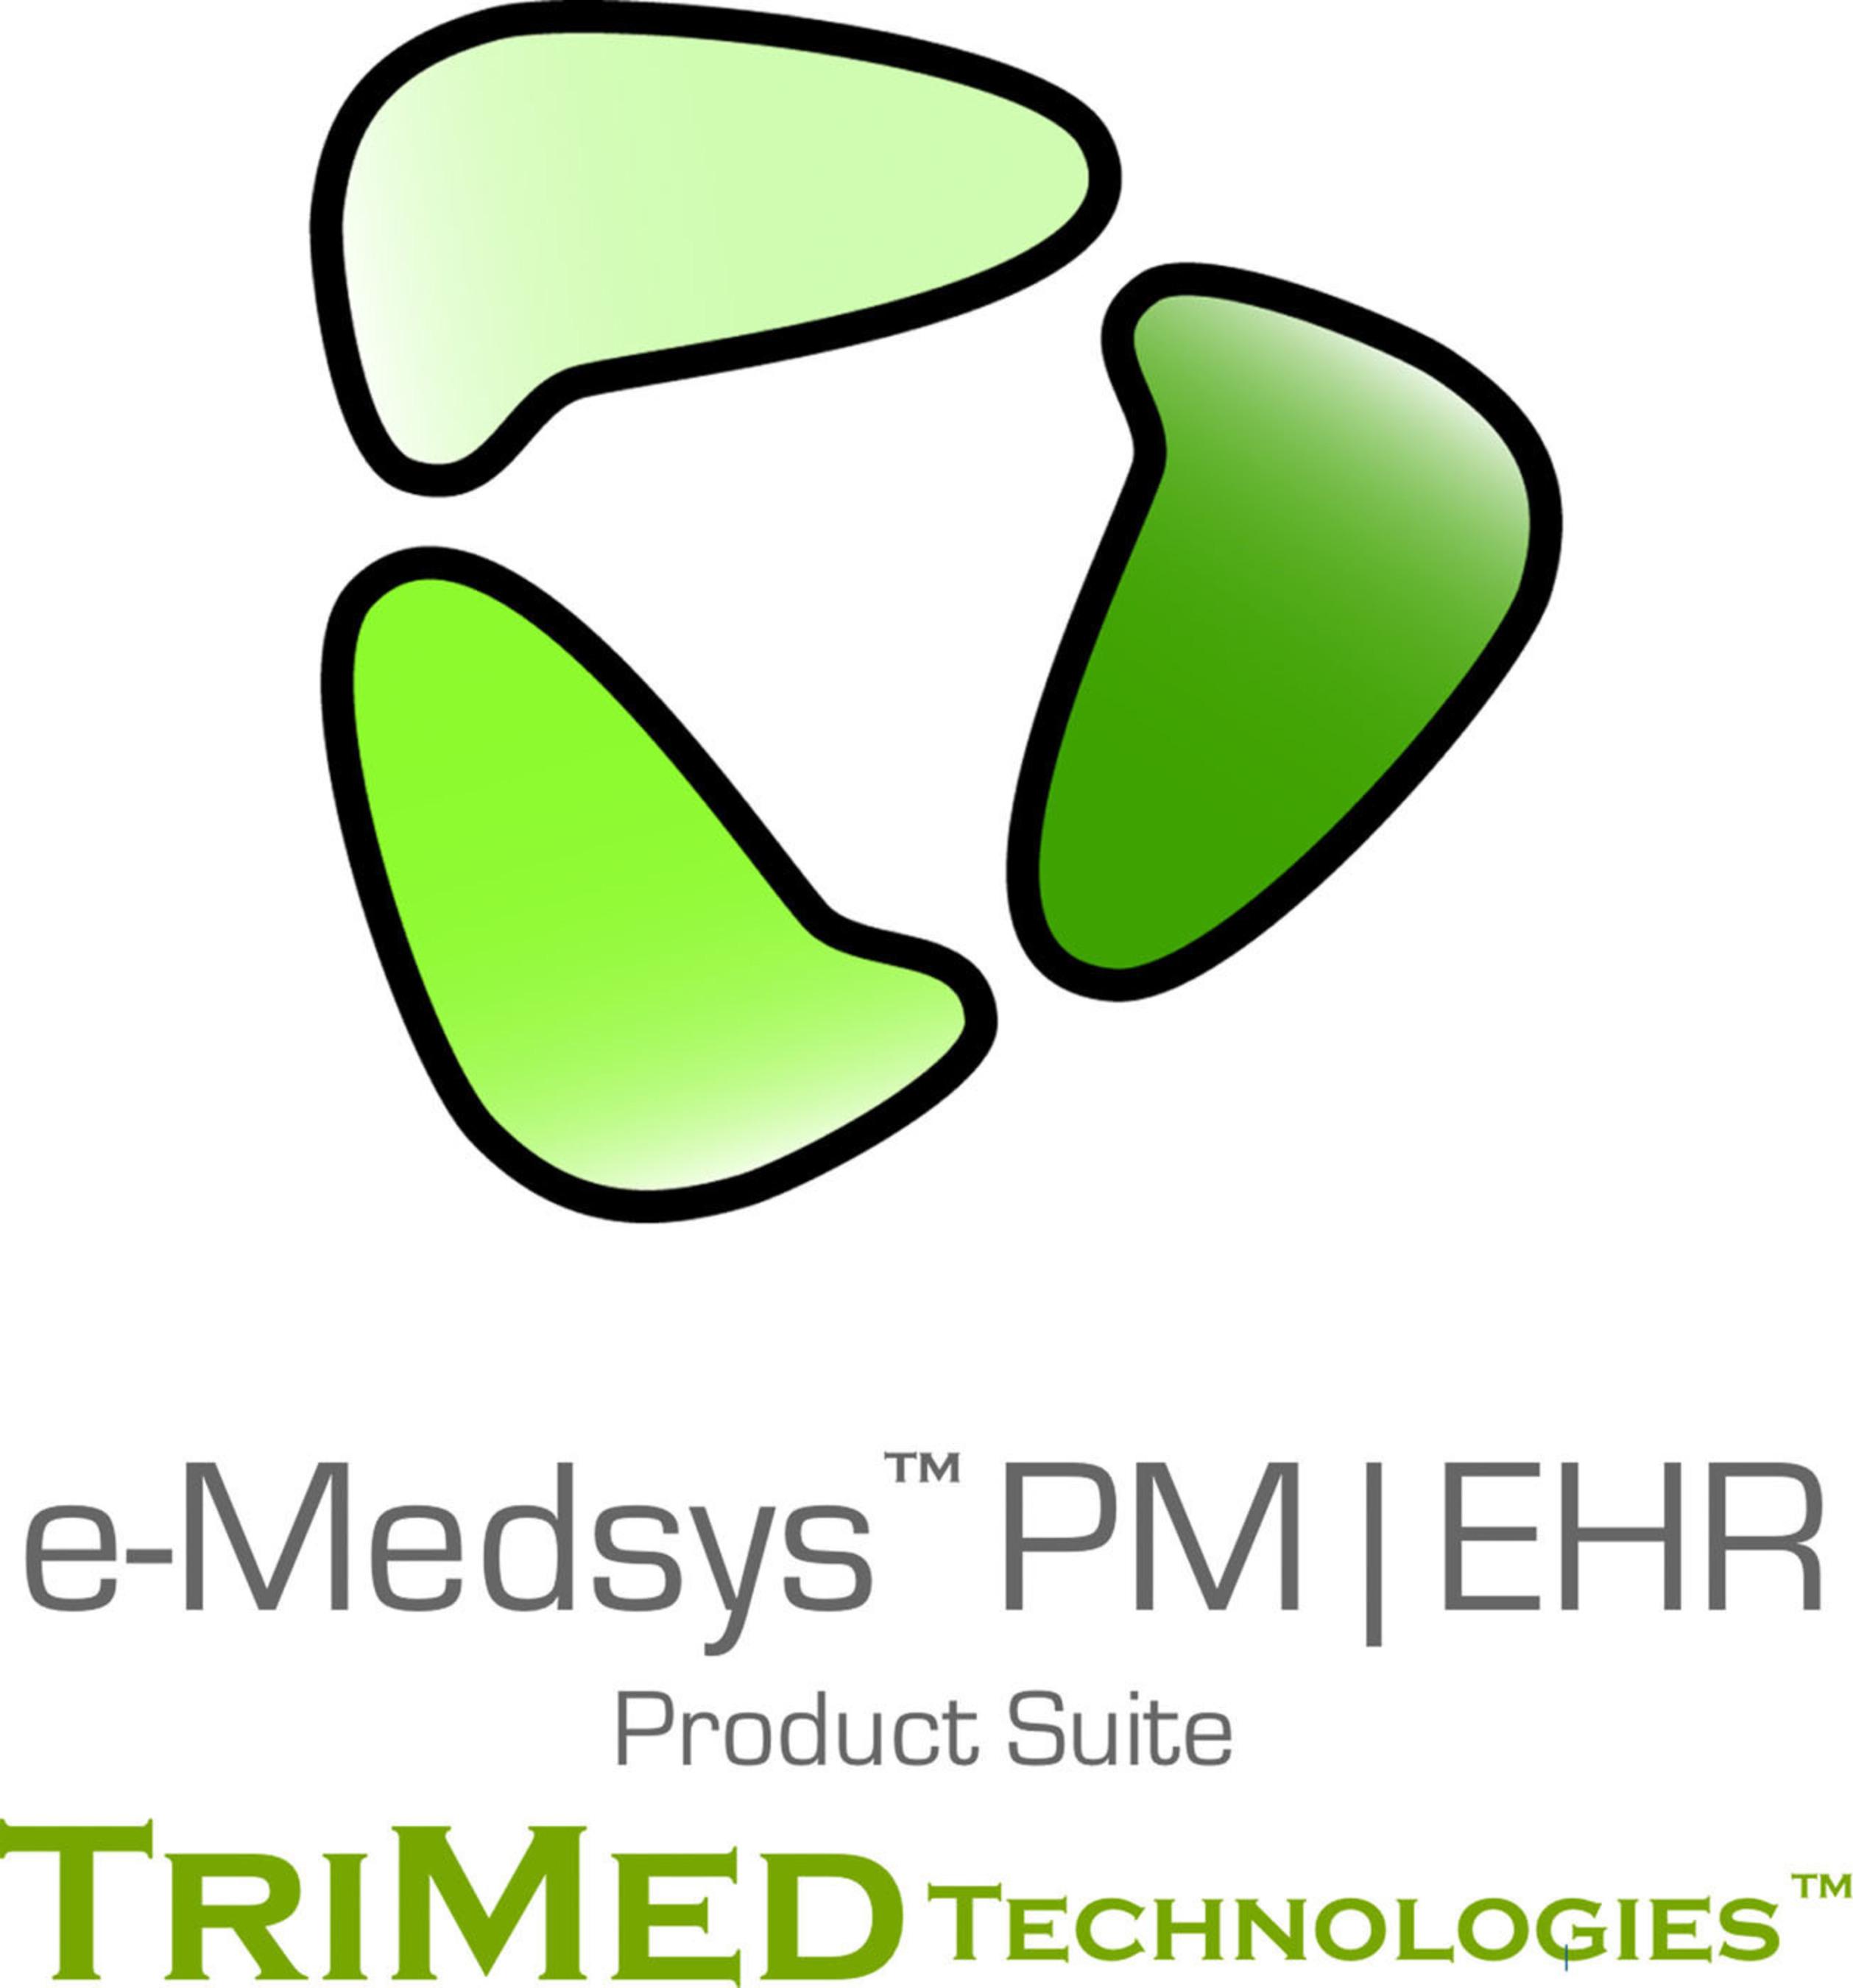 TriMed e-Medsys logo. (PRNewsFoto/TriMed Technologies) (PRNewsFoto/TRIMED TECHNOLOGIES)